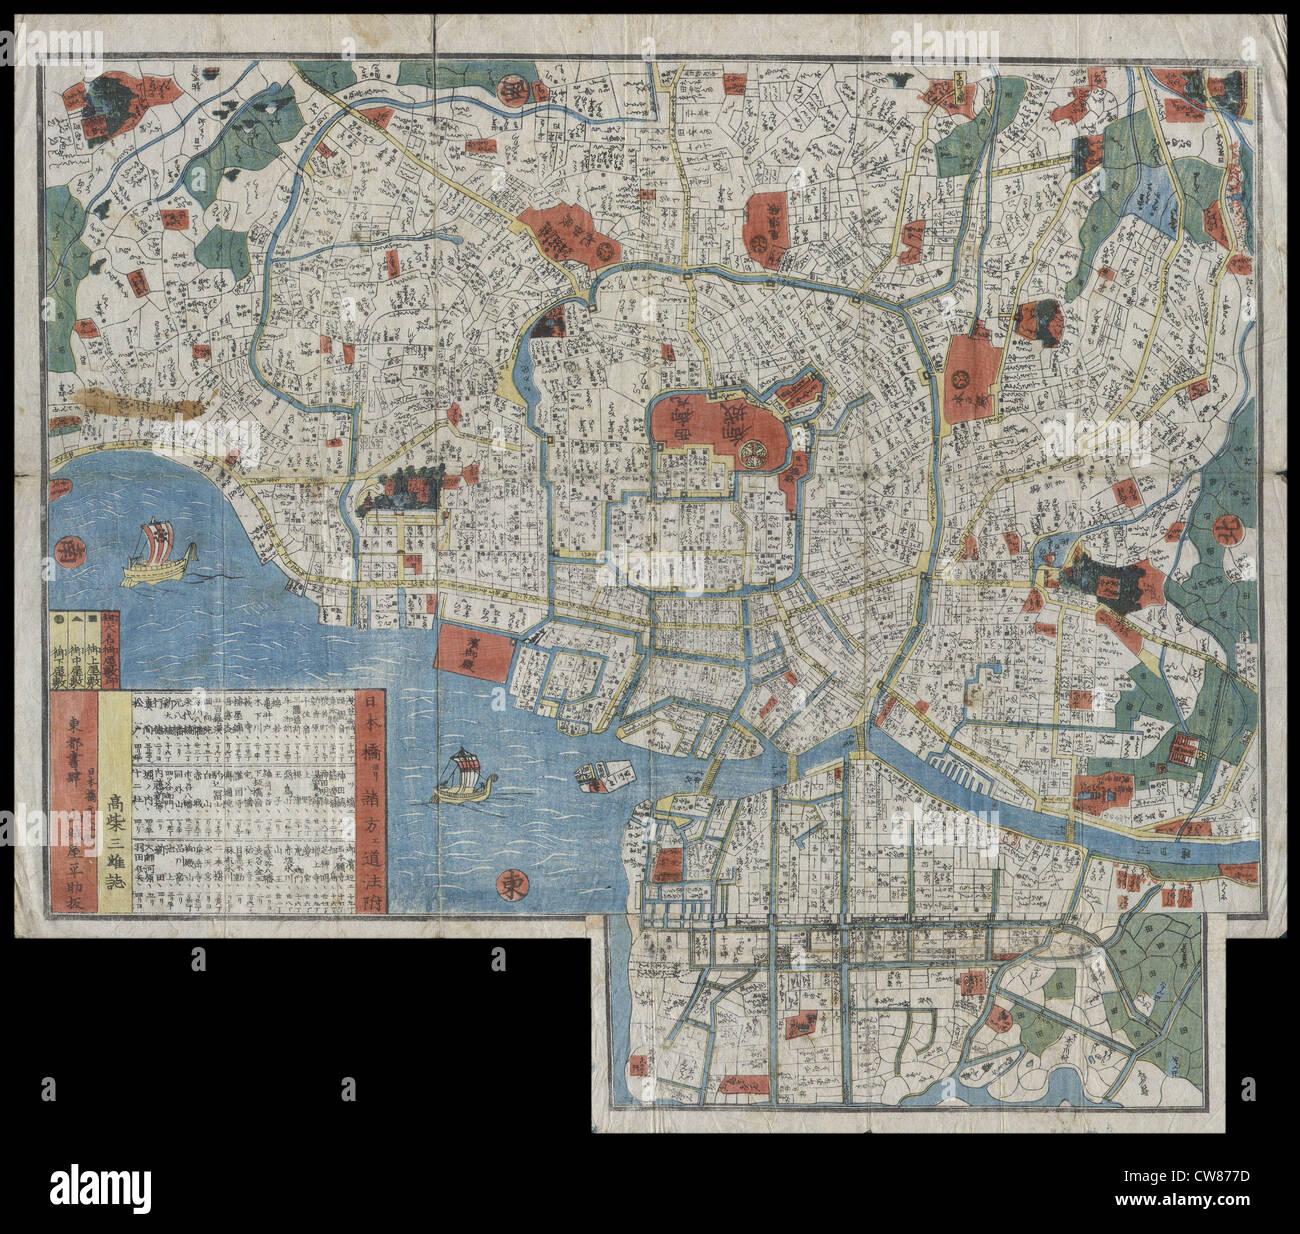 1850 Edo Periode Holzschnittkarte von Edo oder Tokio, Japan Stockbild